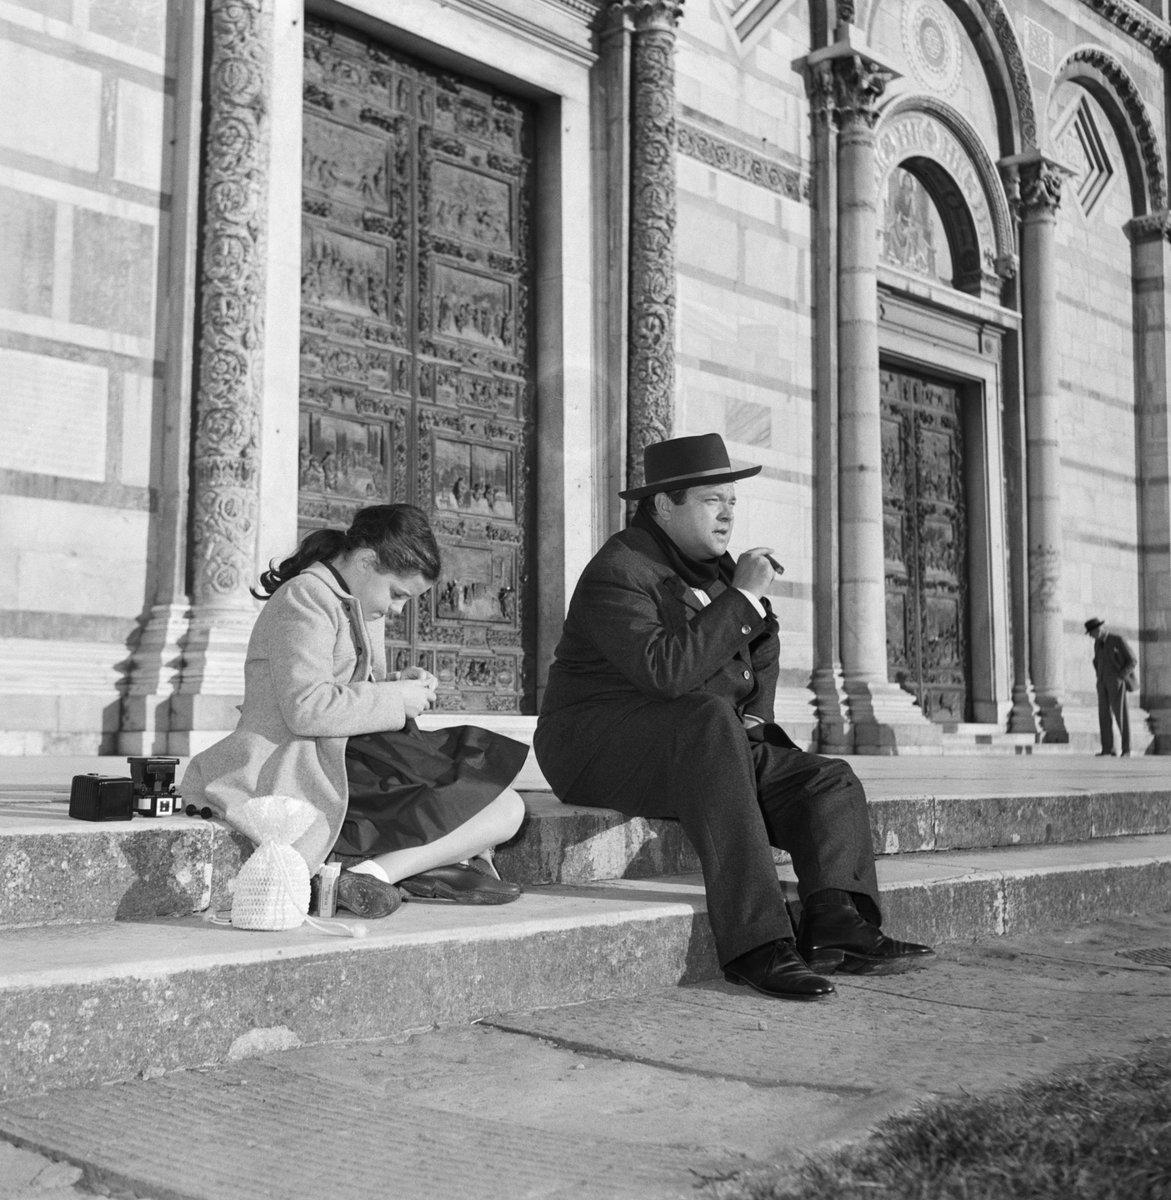 #Pisa gli anni '60. Il #boom e il #rock. #Mostra fotografica con le immagini dell'archivio di Luciano Frassi 30 Ottobre 2019 - 27 Settembre 2020  #fotografia #cinema https://t.co/RFmypzTdxX